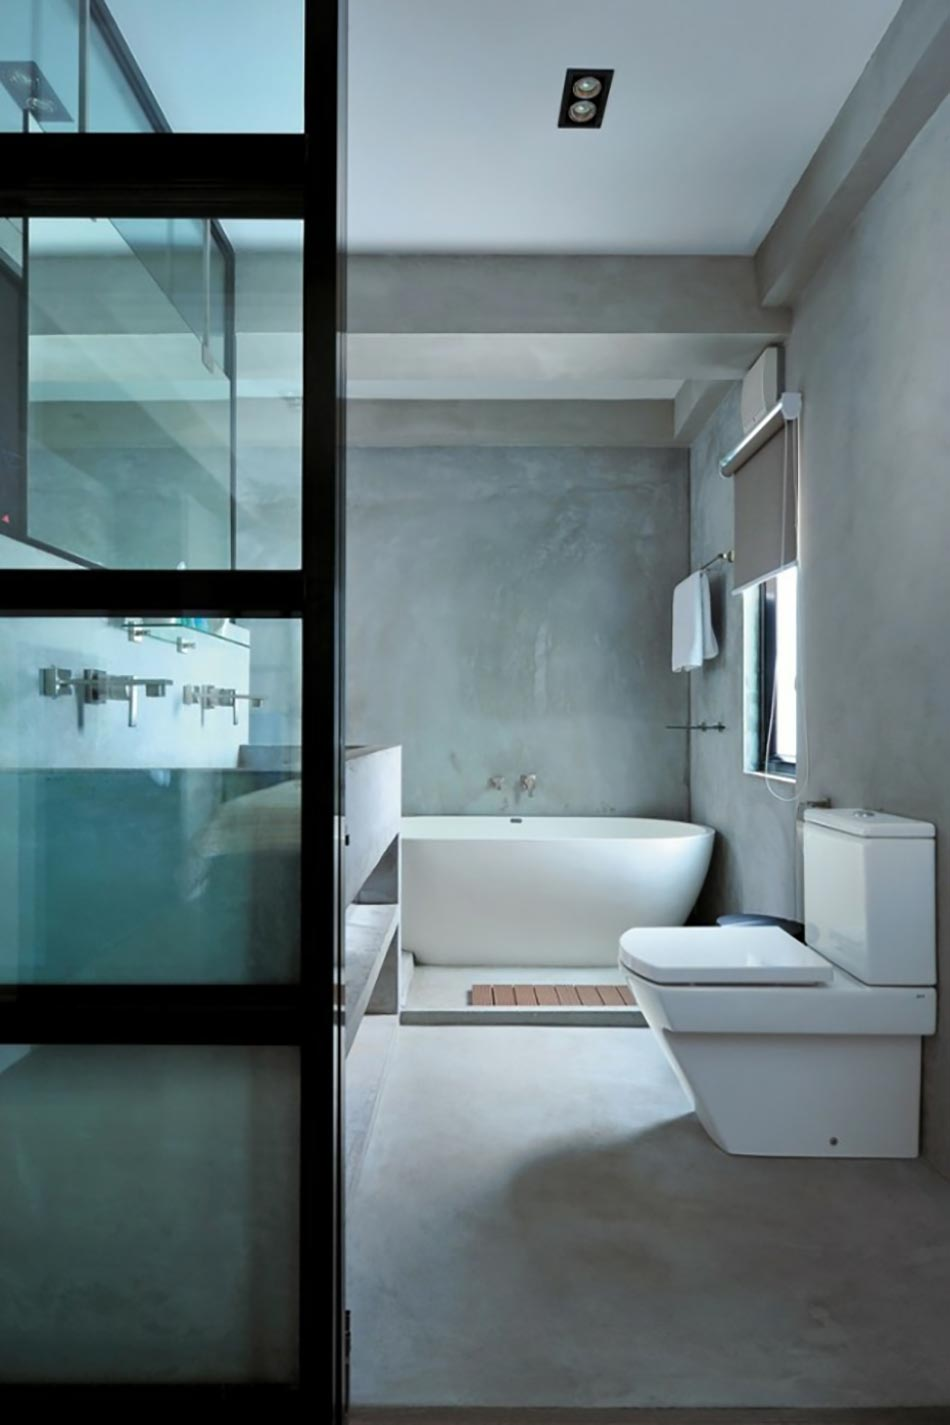 16 id es b ton pour des salles de bain design for Salle de bain ums